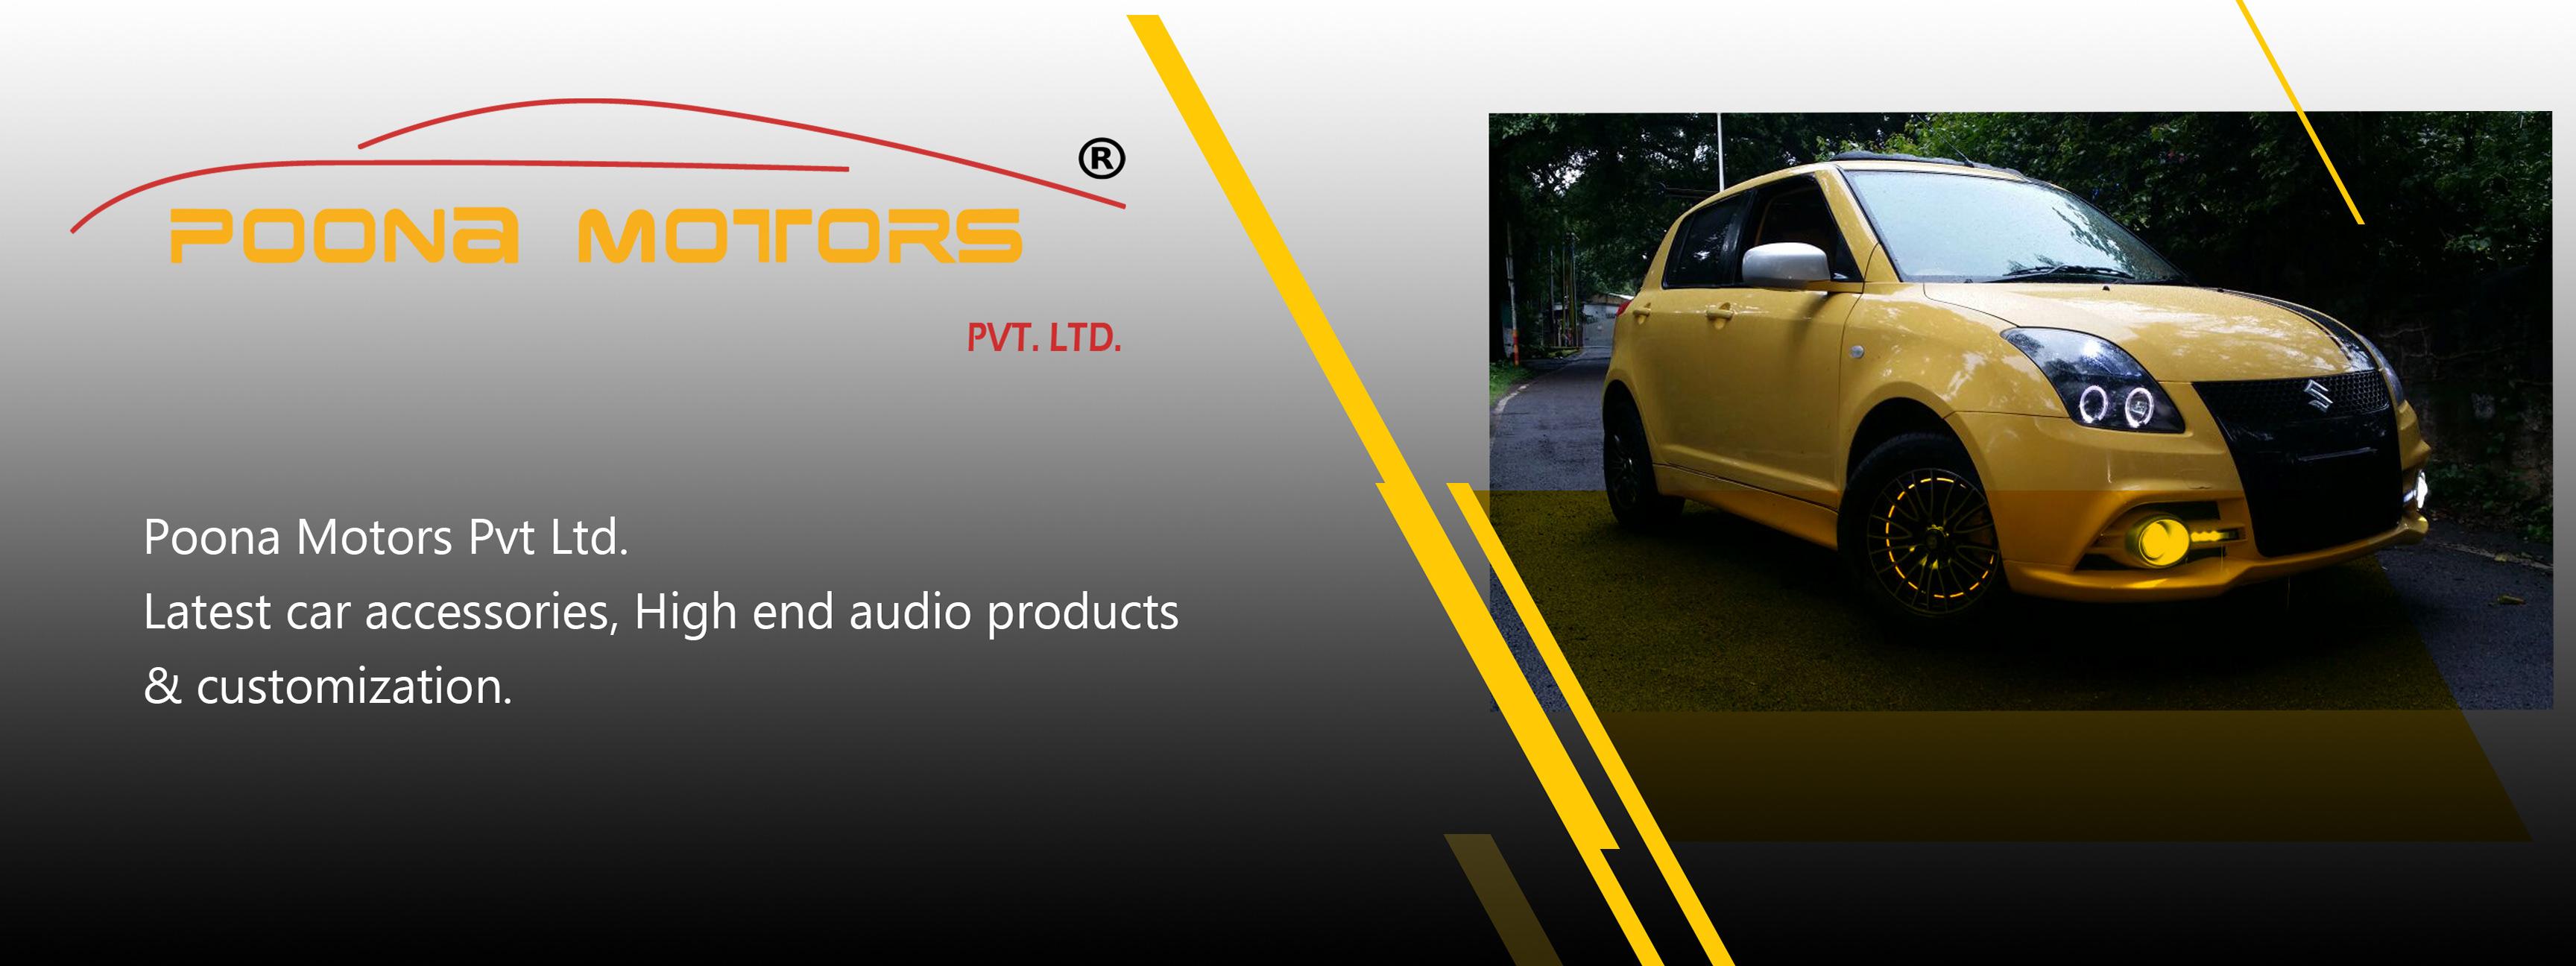 Poona Motors